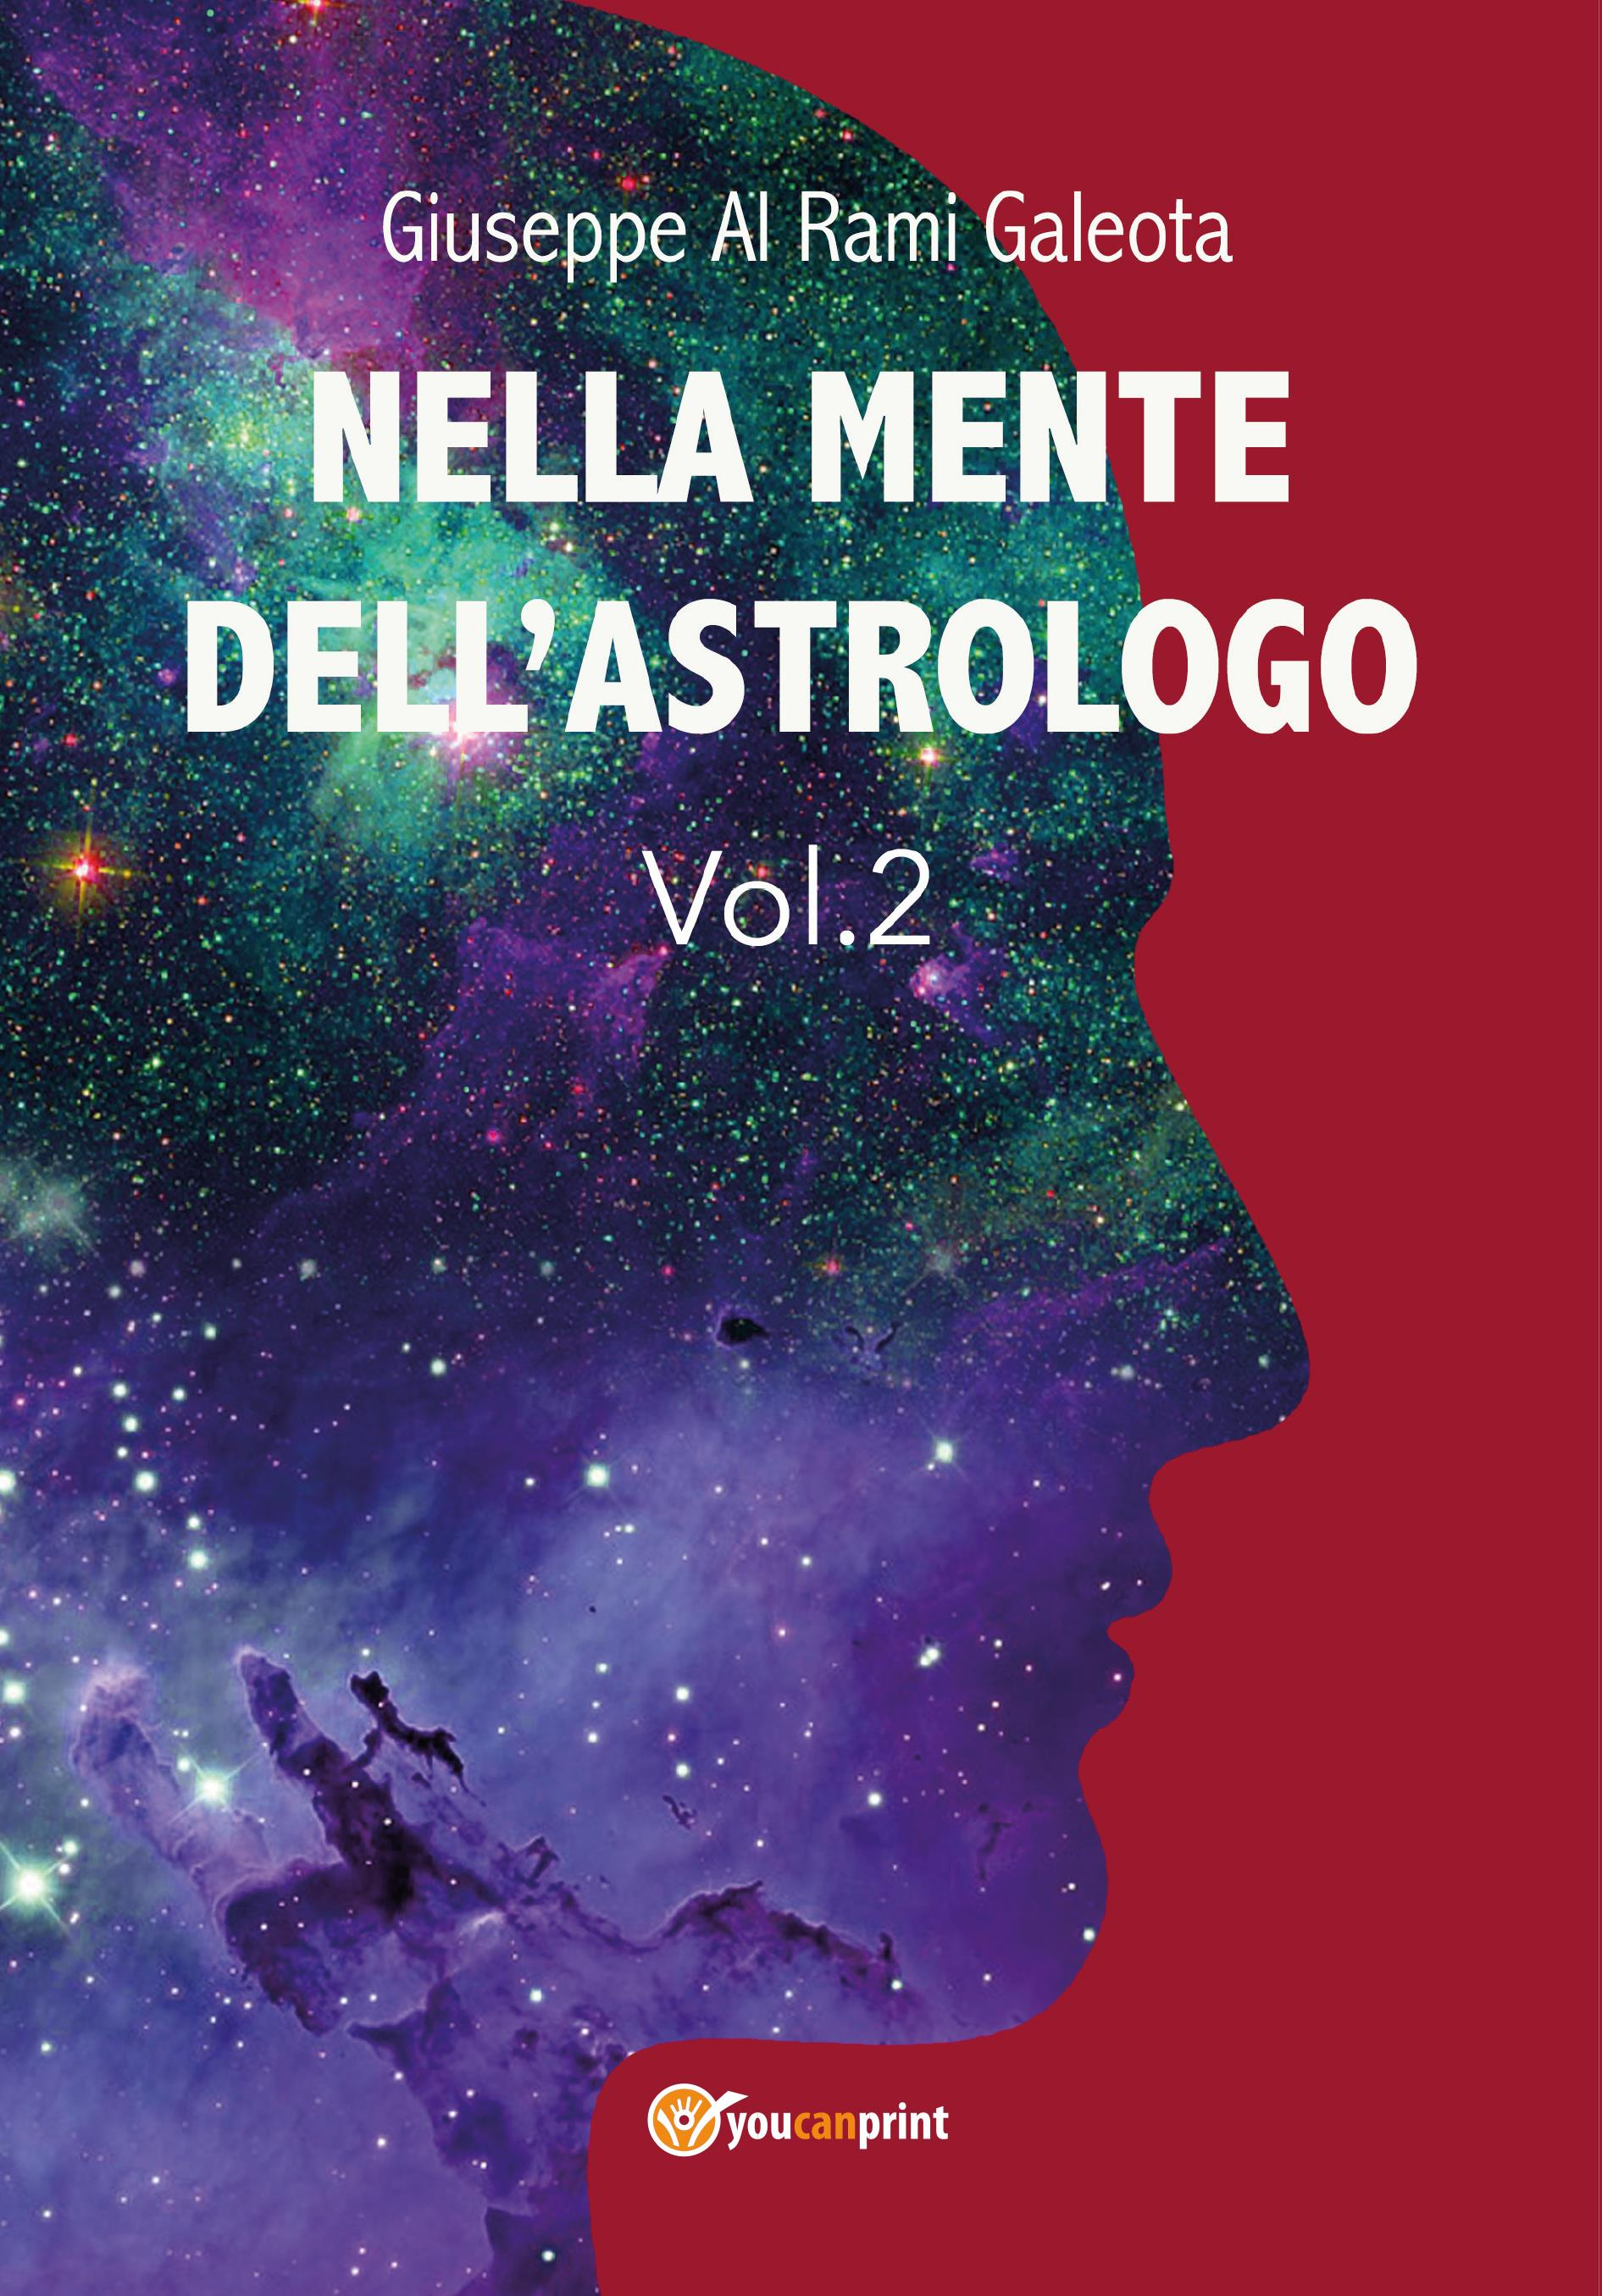 Nella mente dell'astrologo VOL.2